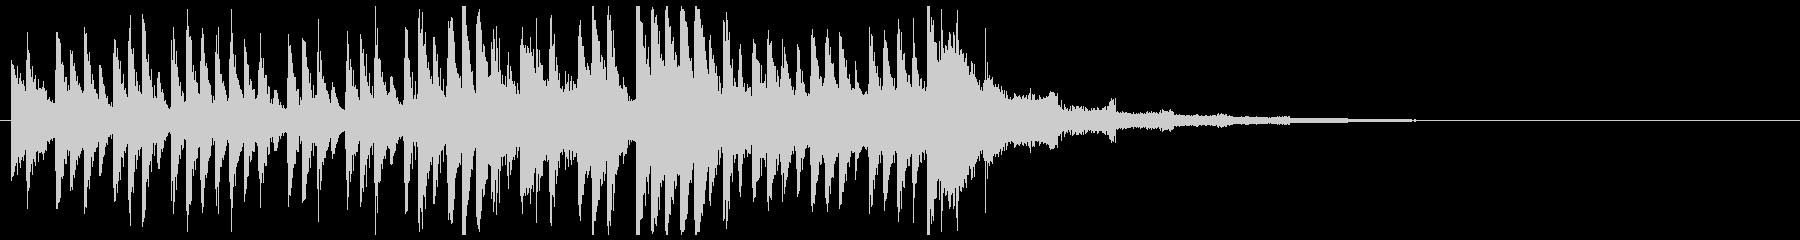 困難なミッションに挑むイメージ(15秒)の未再生の波形